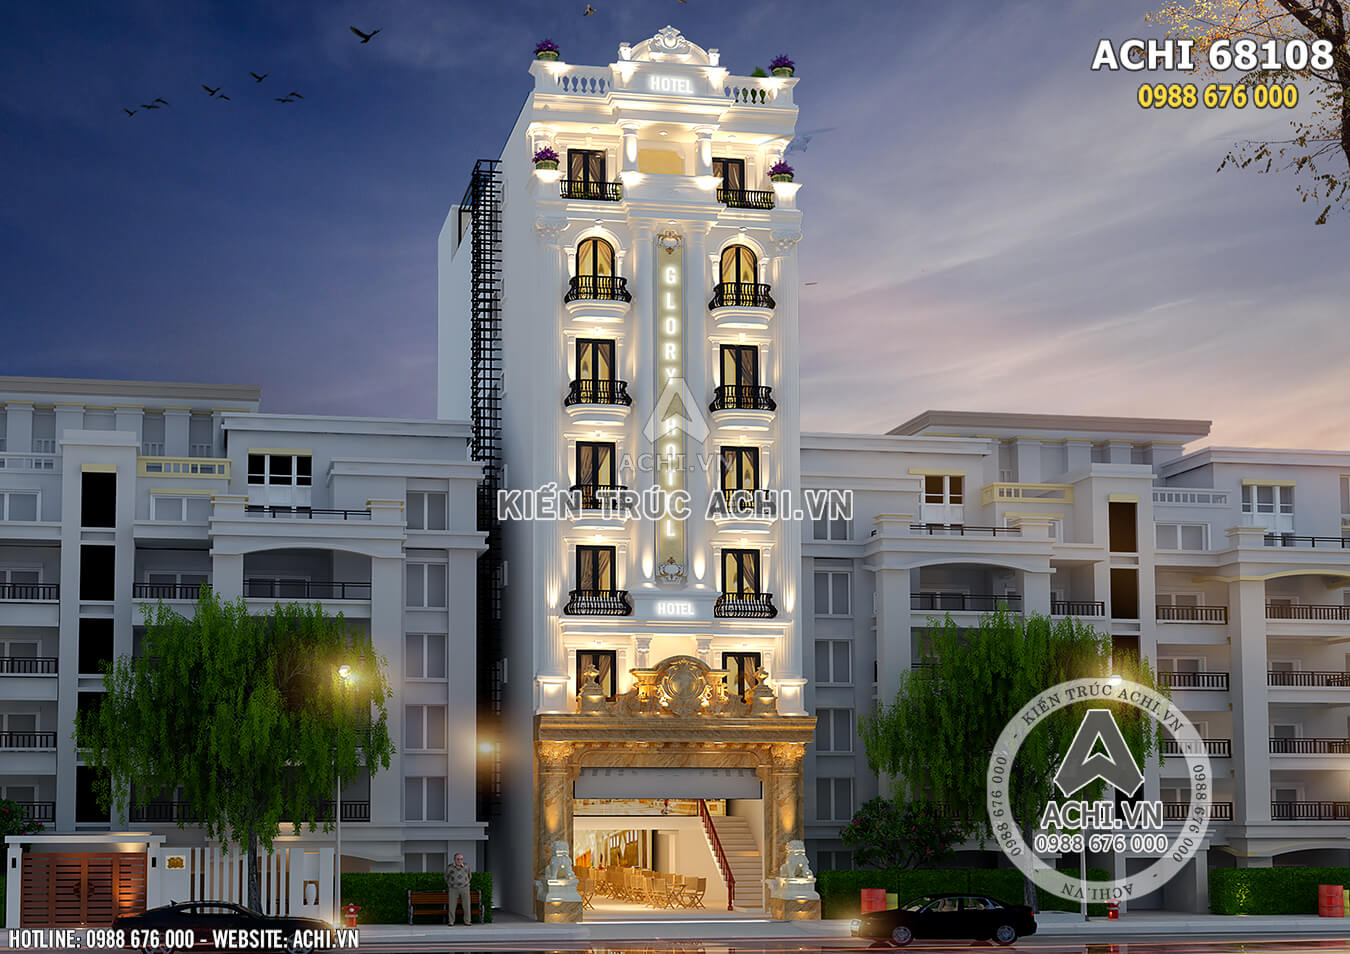 Không gian mặt tiền thiết kế khách sạn tân cổ điển có bể bơi trên mái - Mã số: ACHI 68108